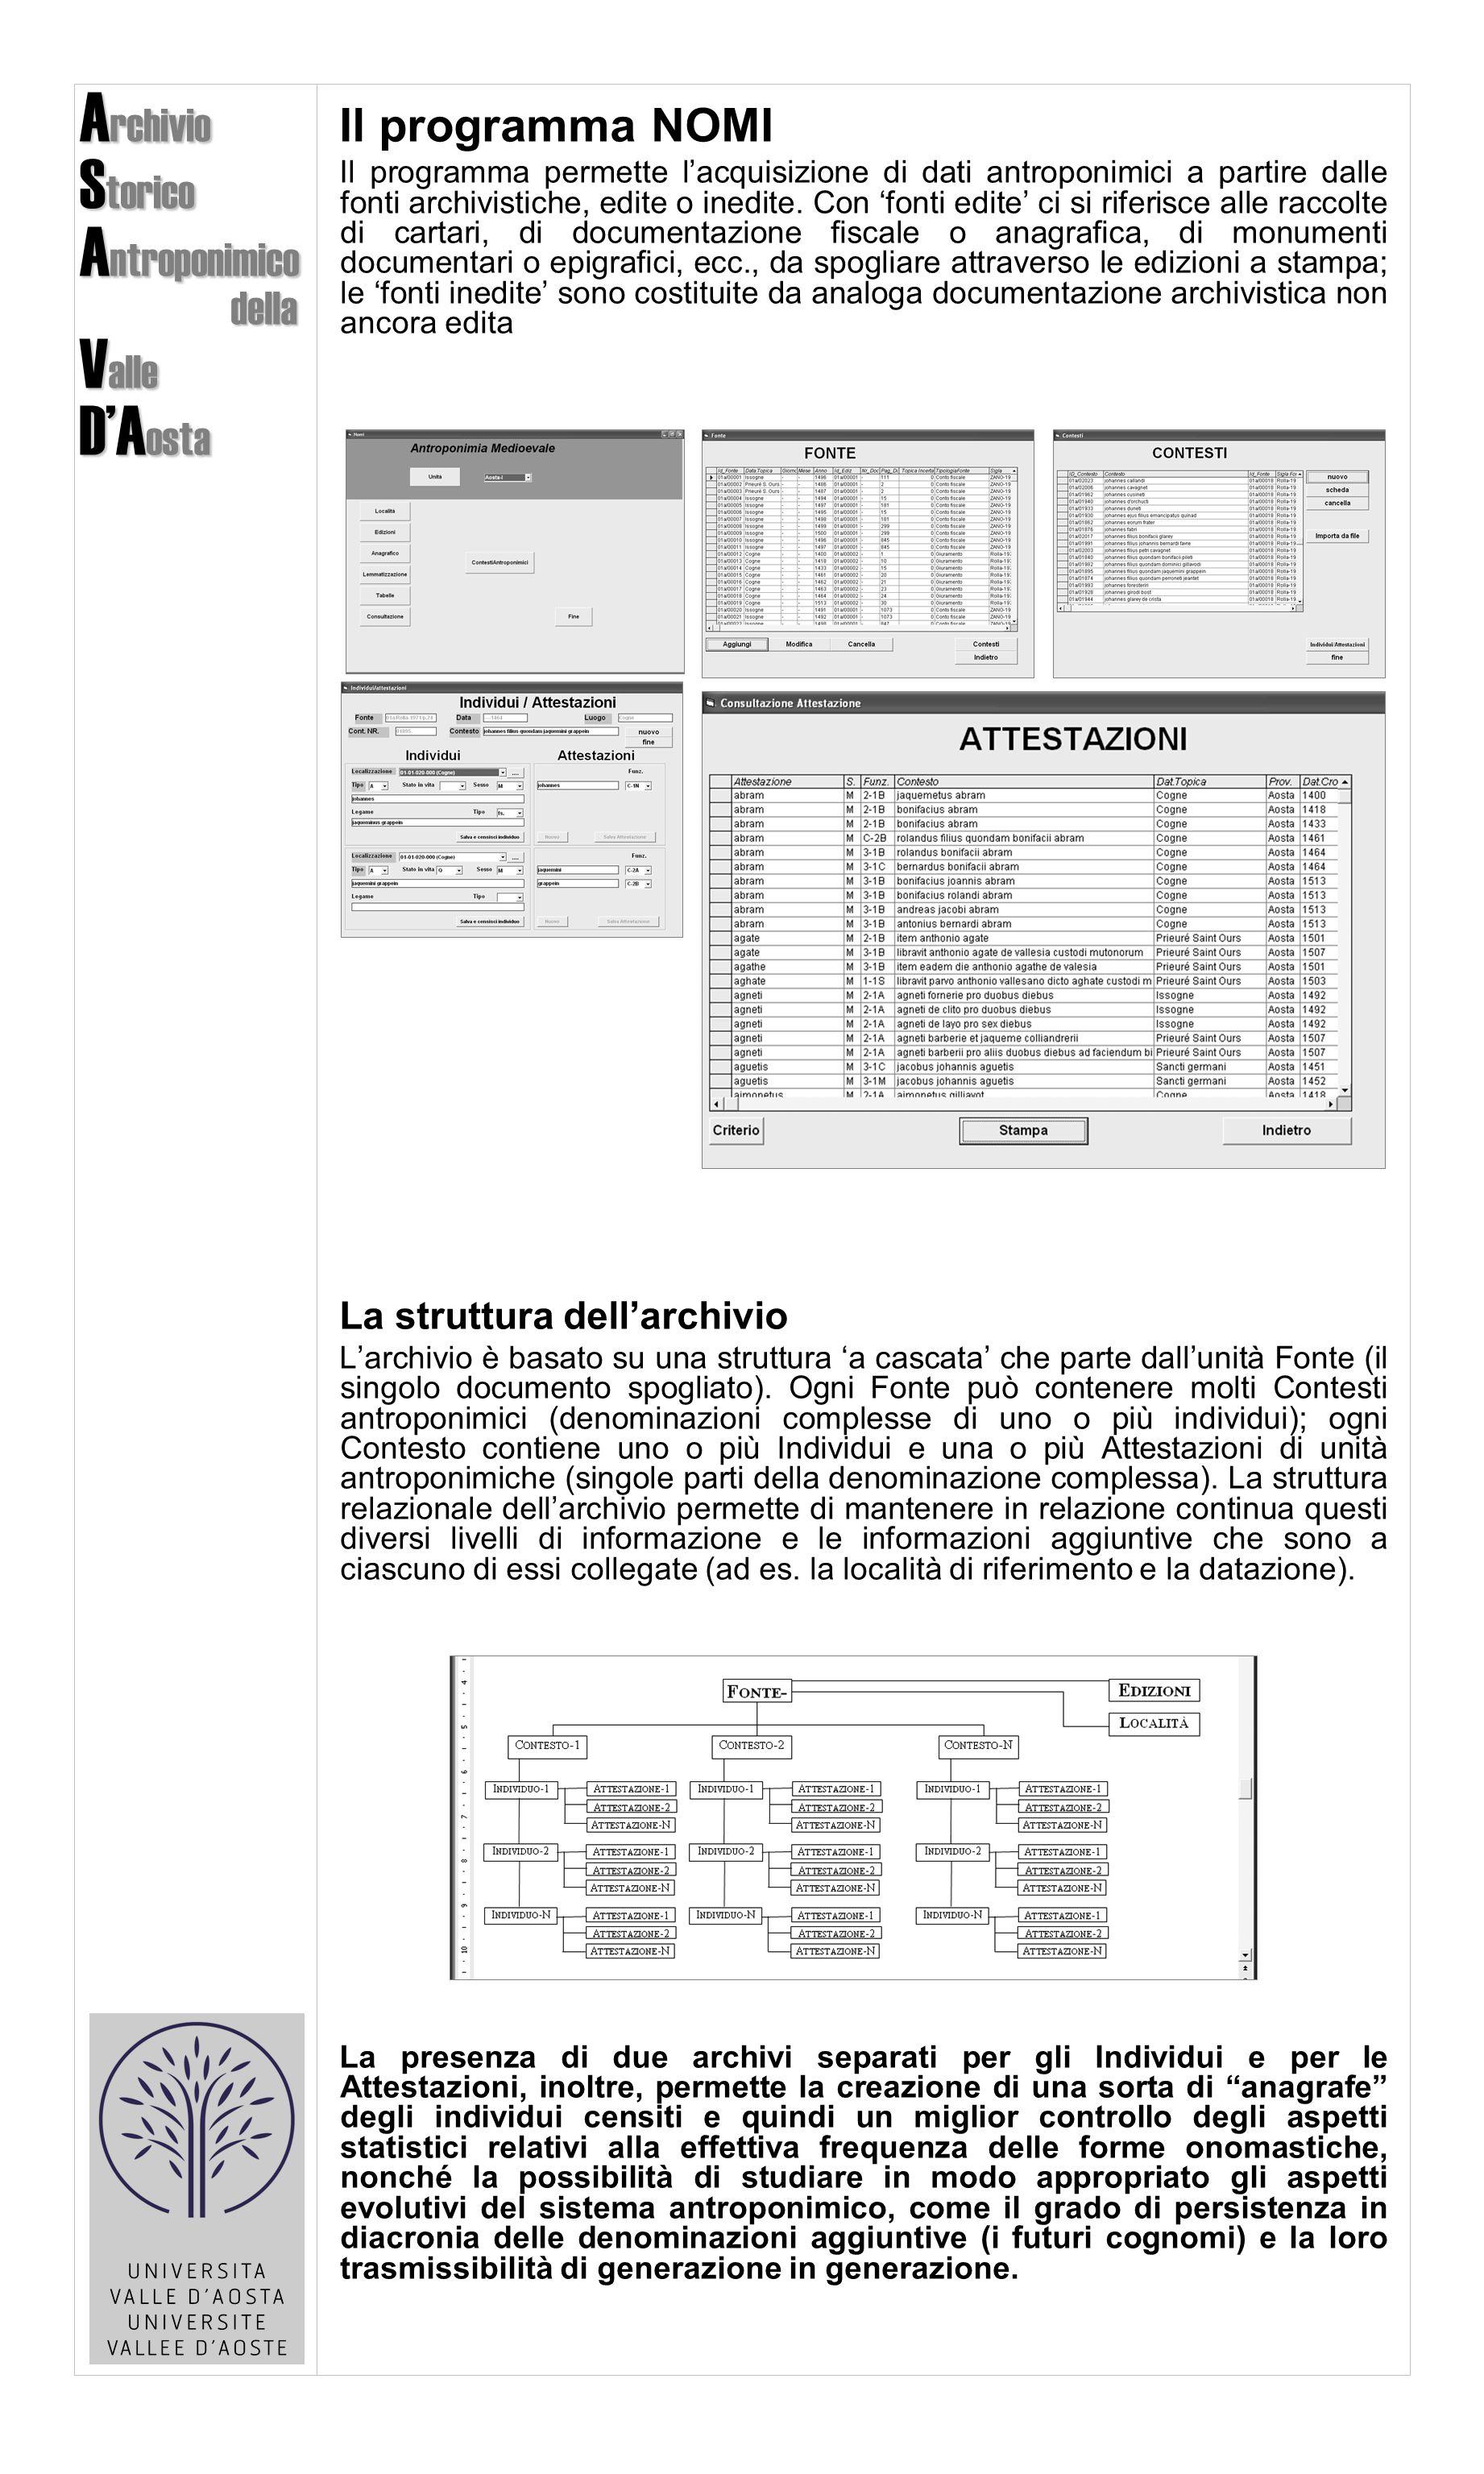 A rchivio S torico A ntroponimico della della V alle D'A osta Il programma NOMI Il programma permette l'acquisizione di dati antroponimici a partire d